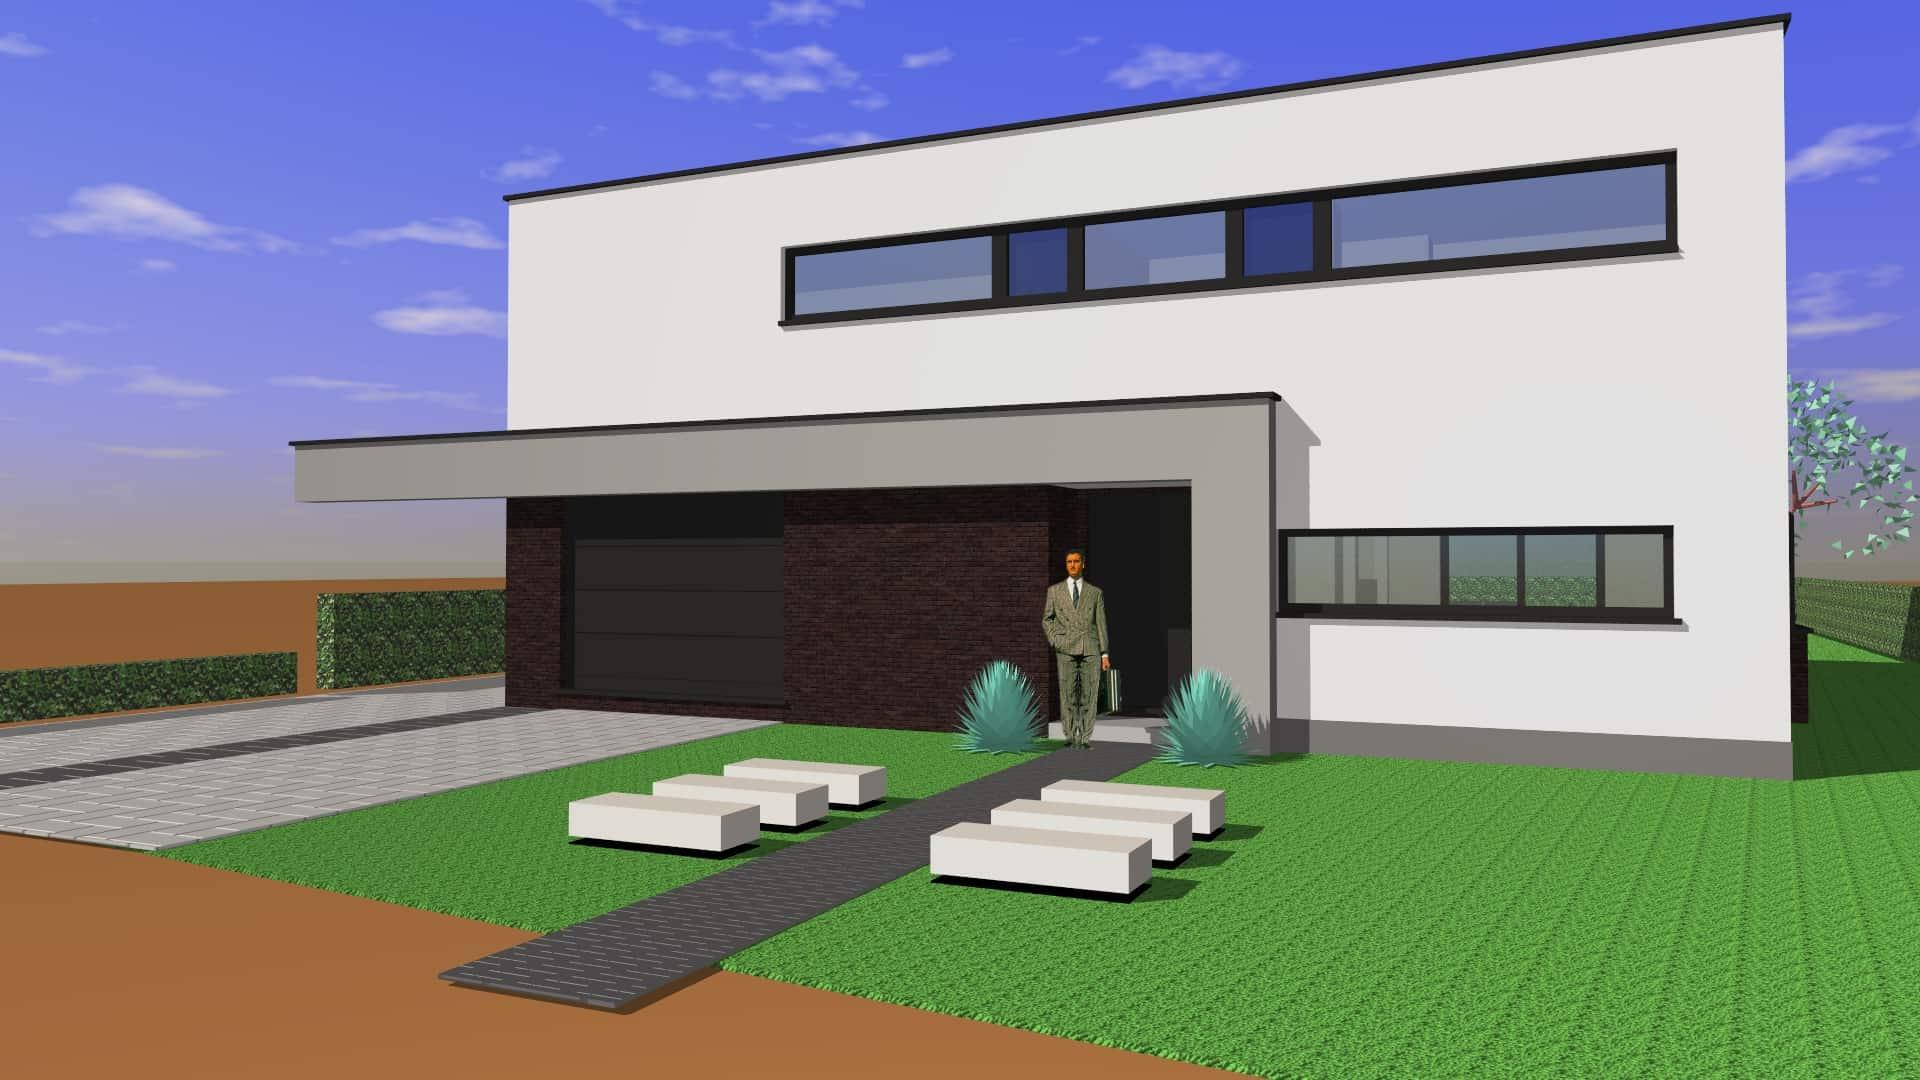 Detail afbeelding 4 van G & S   –   Transformatie Fermette tot Strakke woning   –   Zutendaal | Ontwerp door architect Patrick Strackx